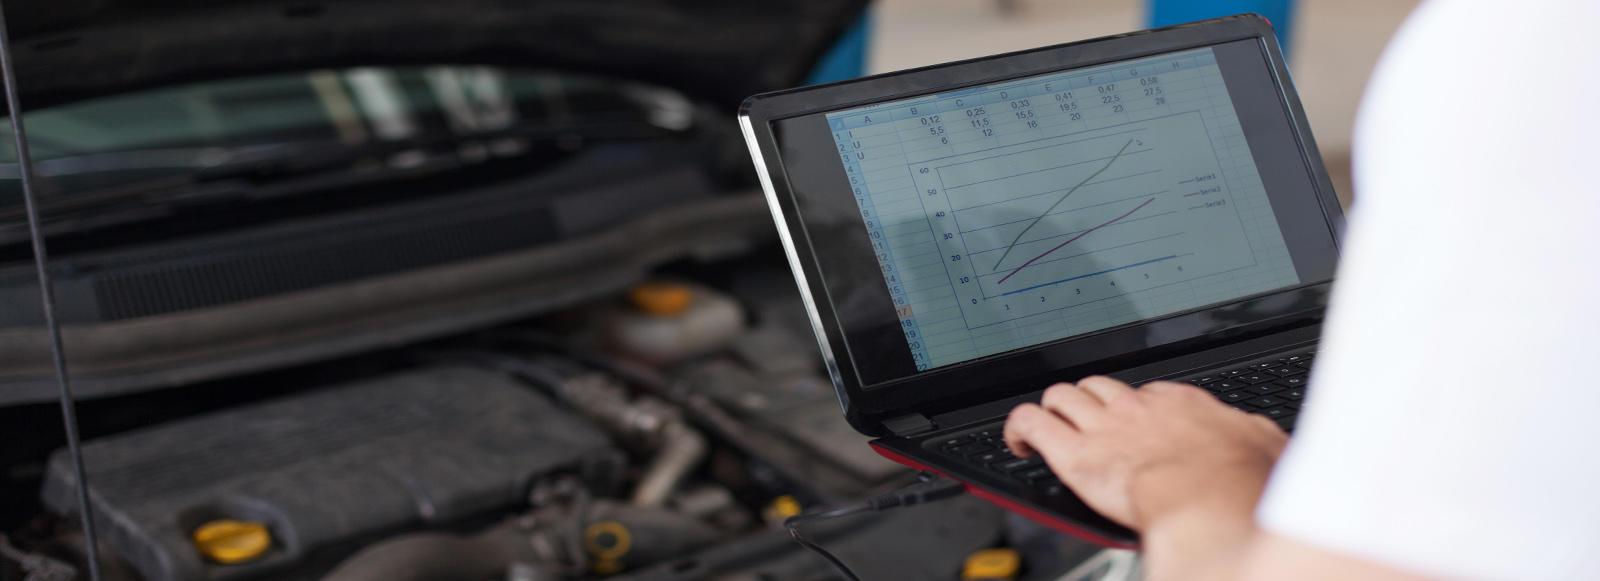 Ewing Auto Repair image 3